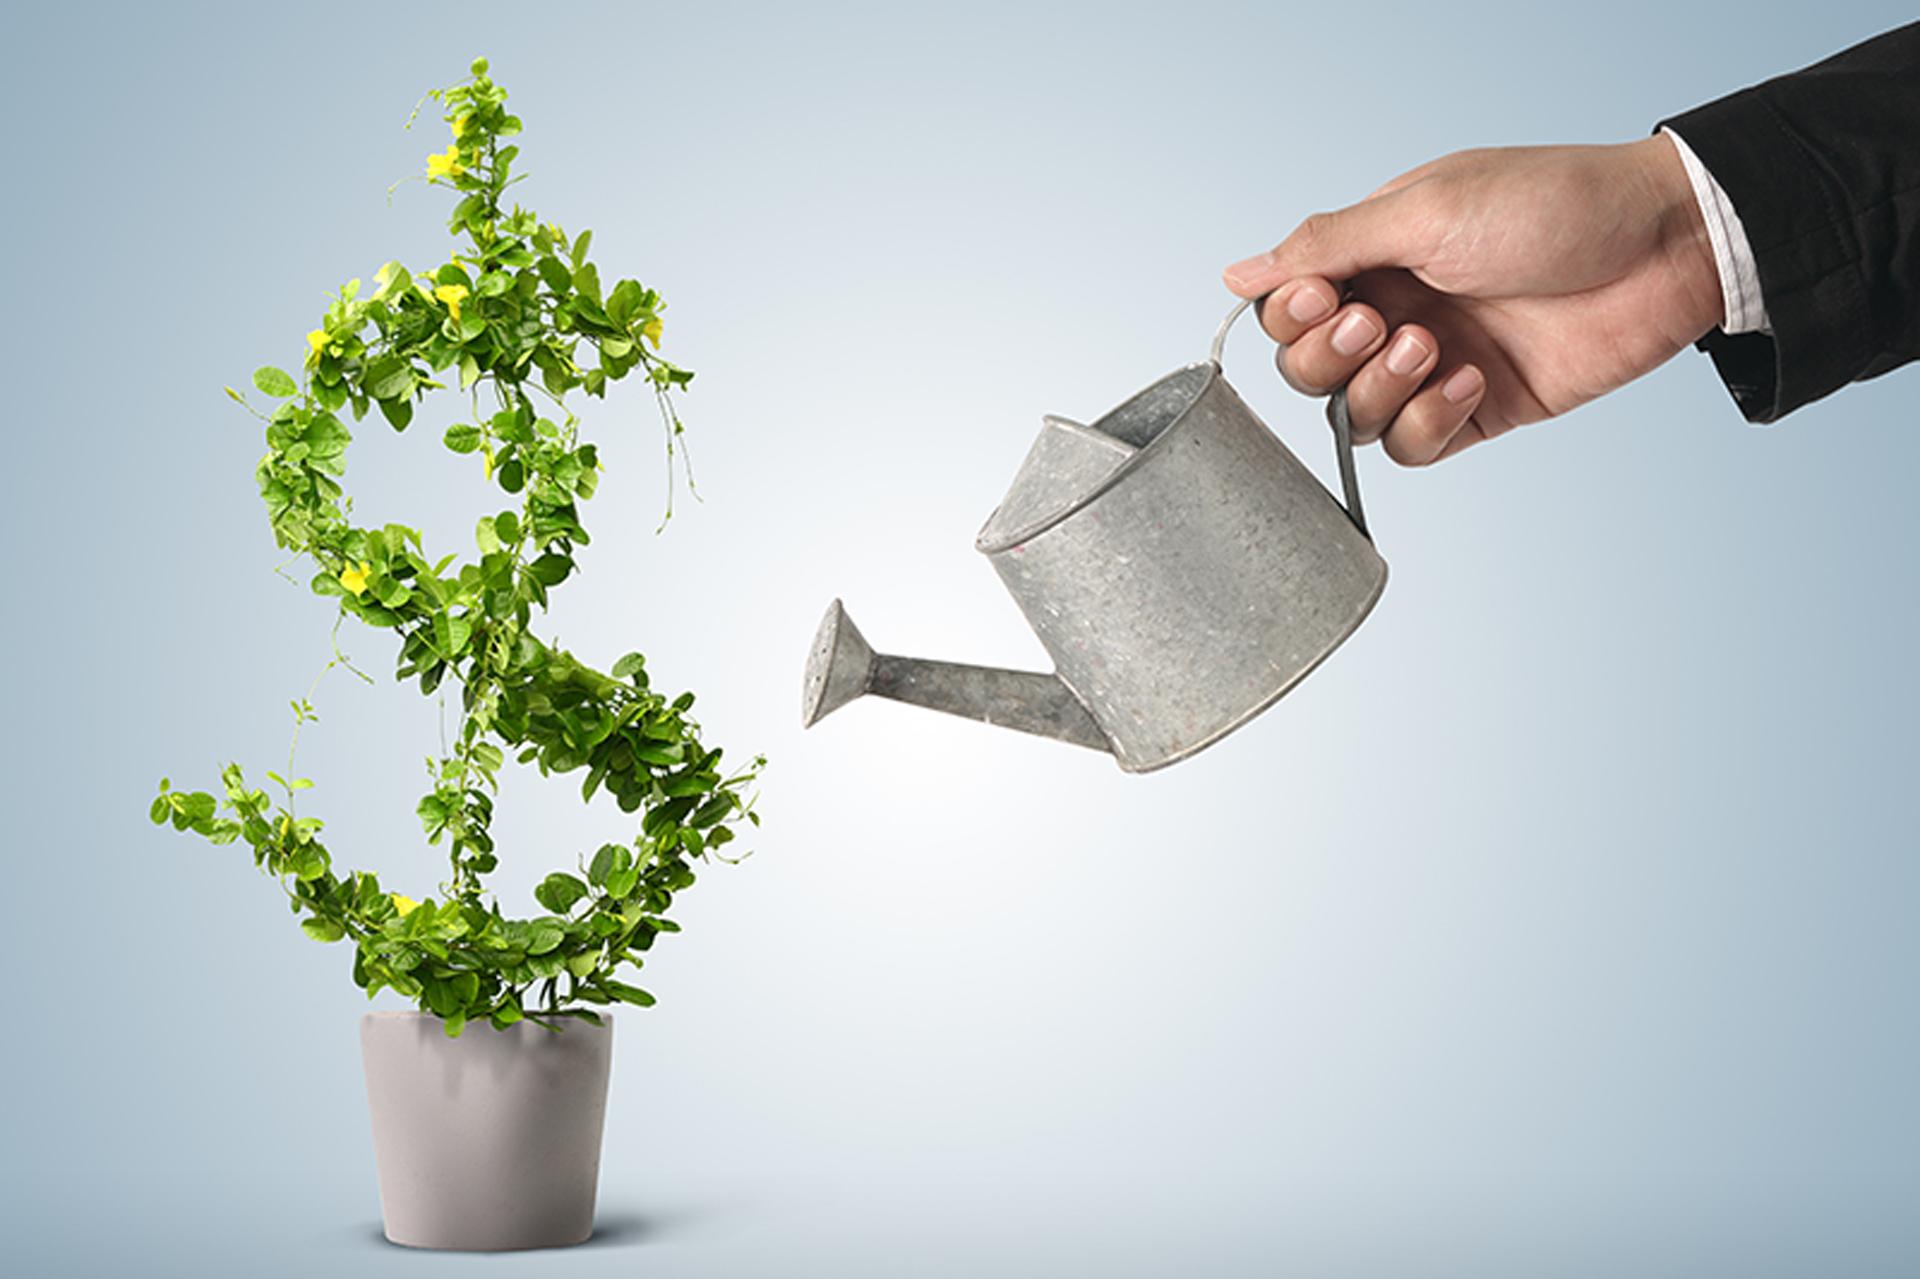 Promessa de rentabilidade extraordinária? Desconfie!